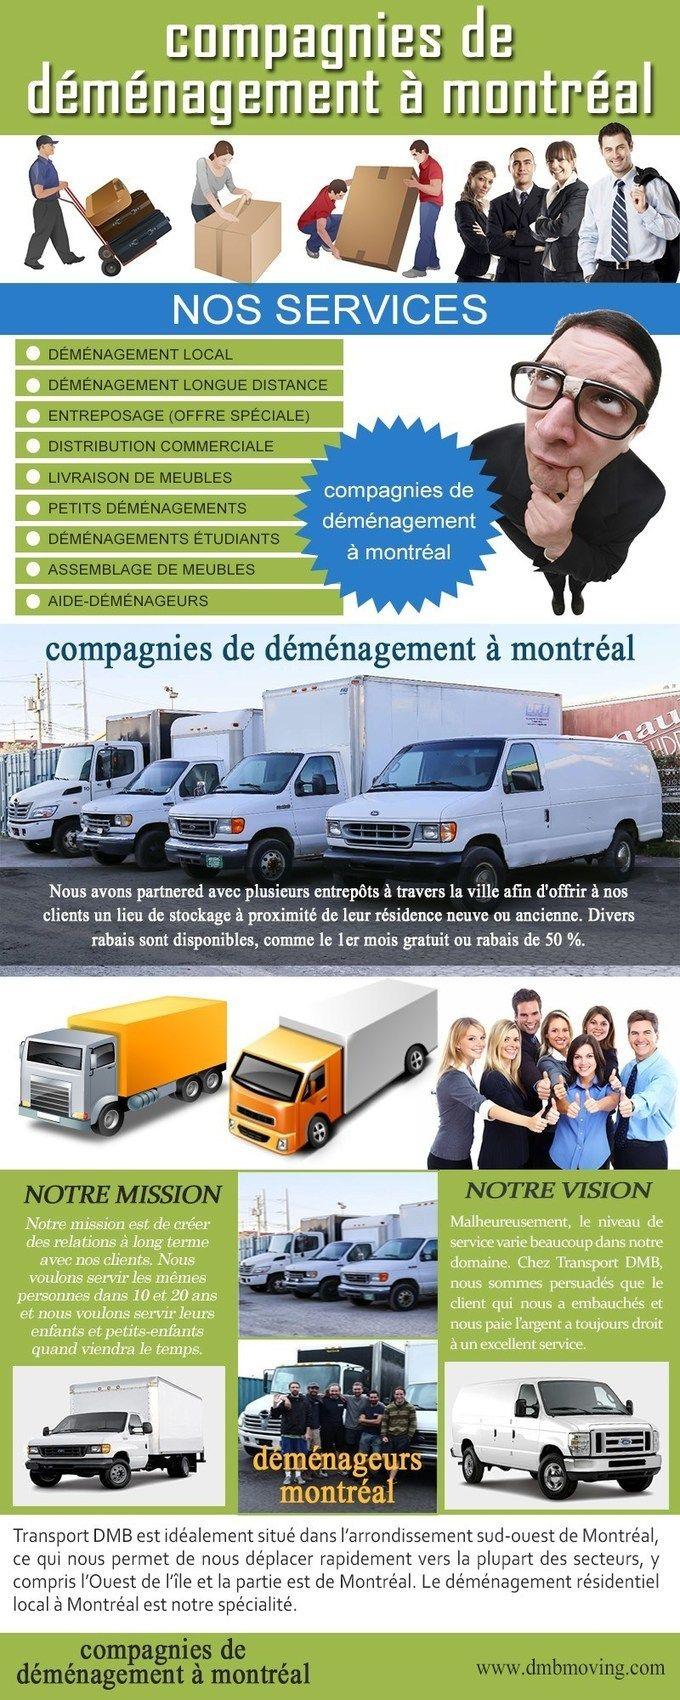 Compagnies+de+déménagement+à+montréal